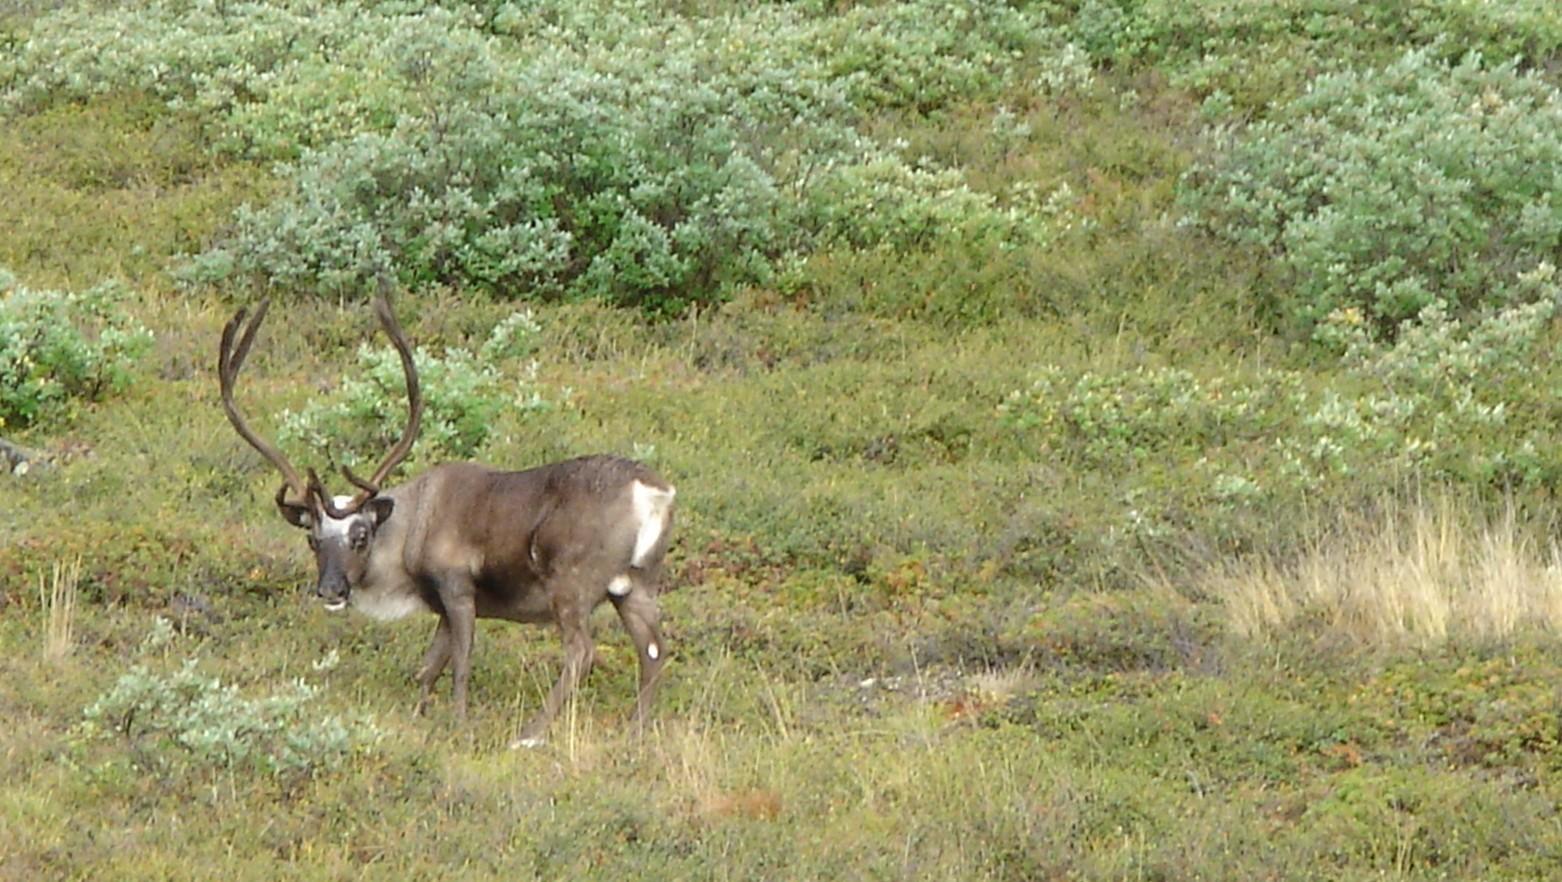 ULning-Greenland-friendly-reindeer-bull-around-camp-near-Austmannadalen.JPG